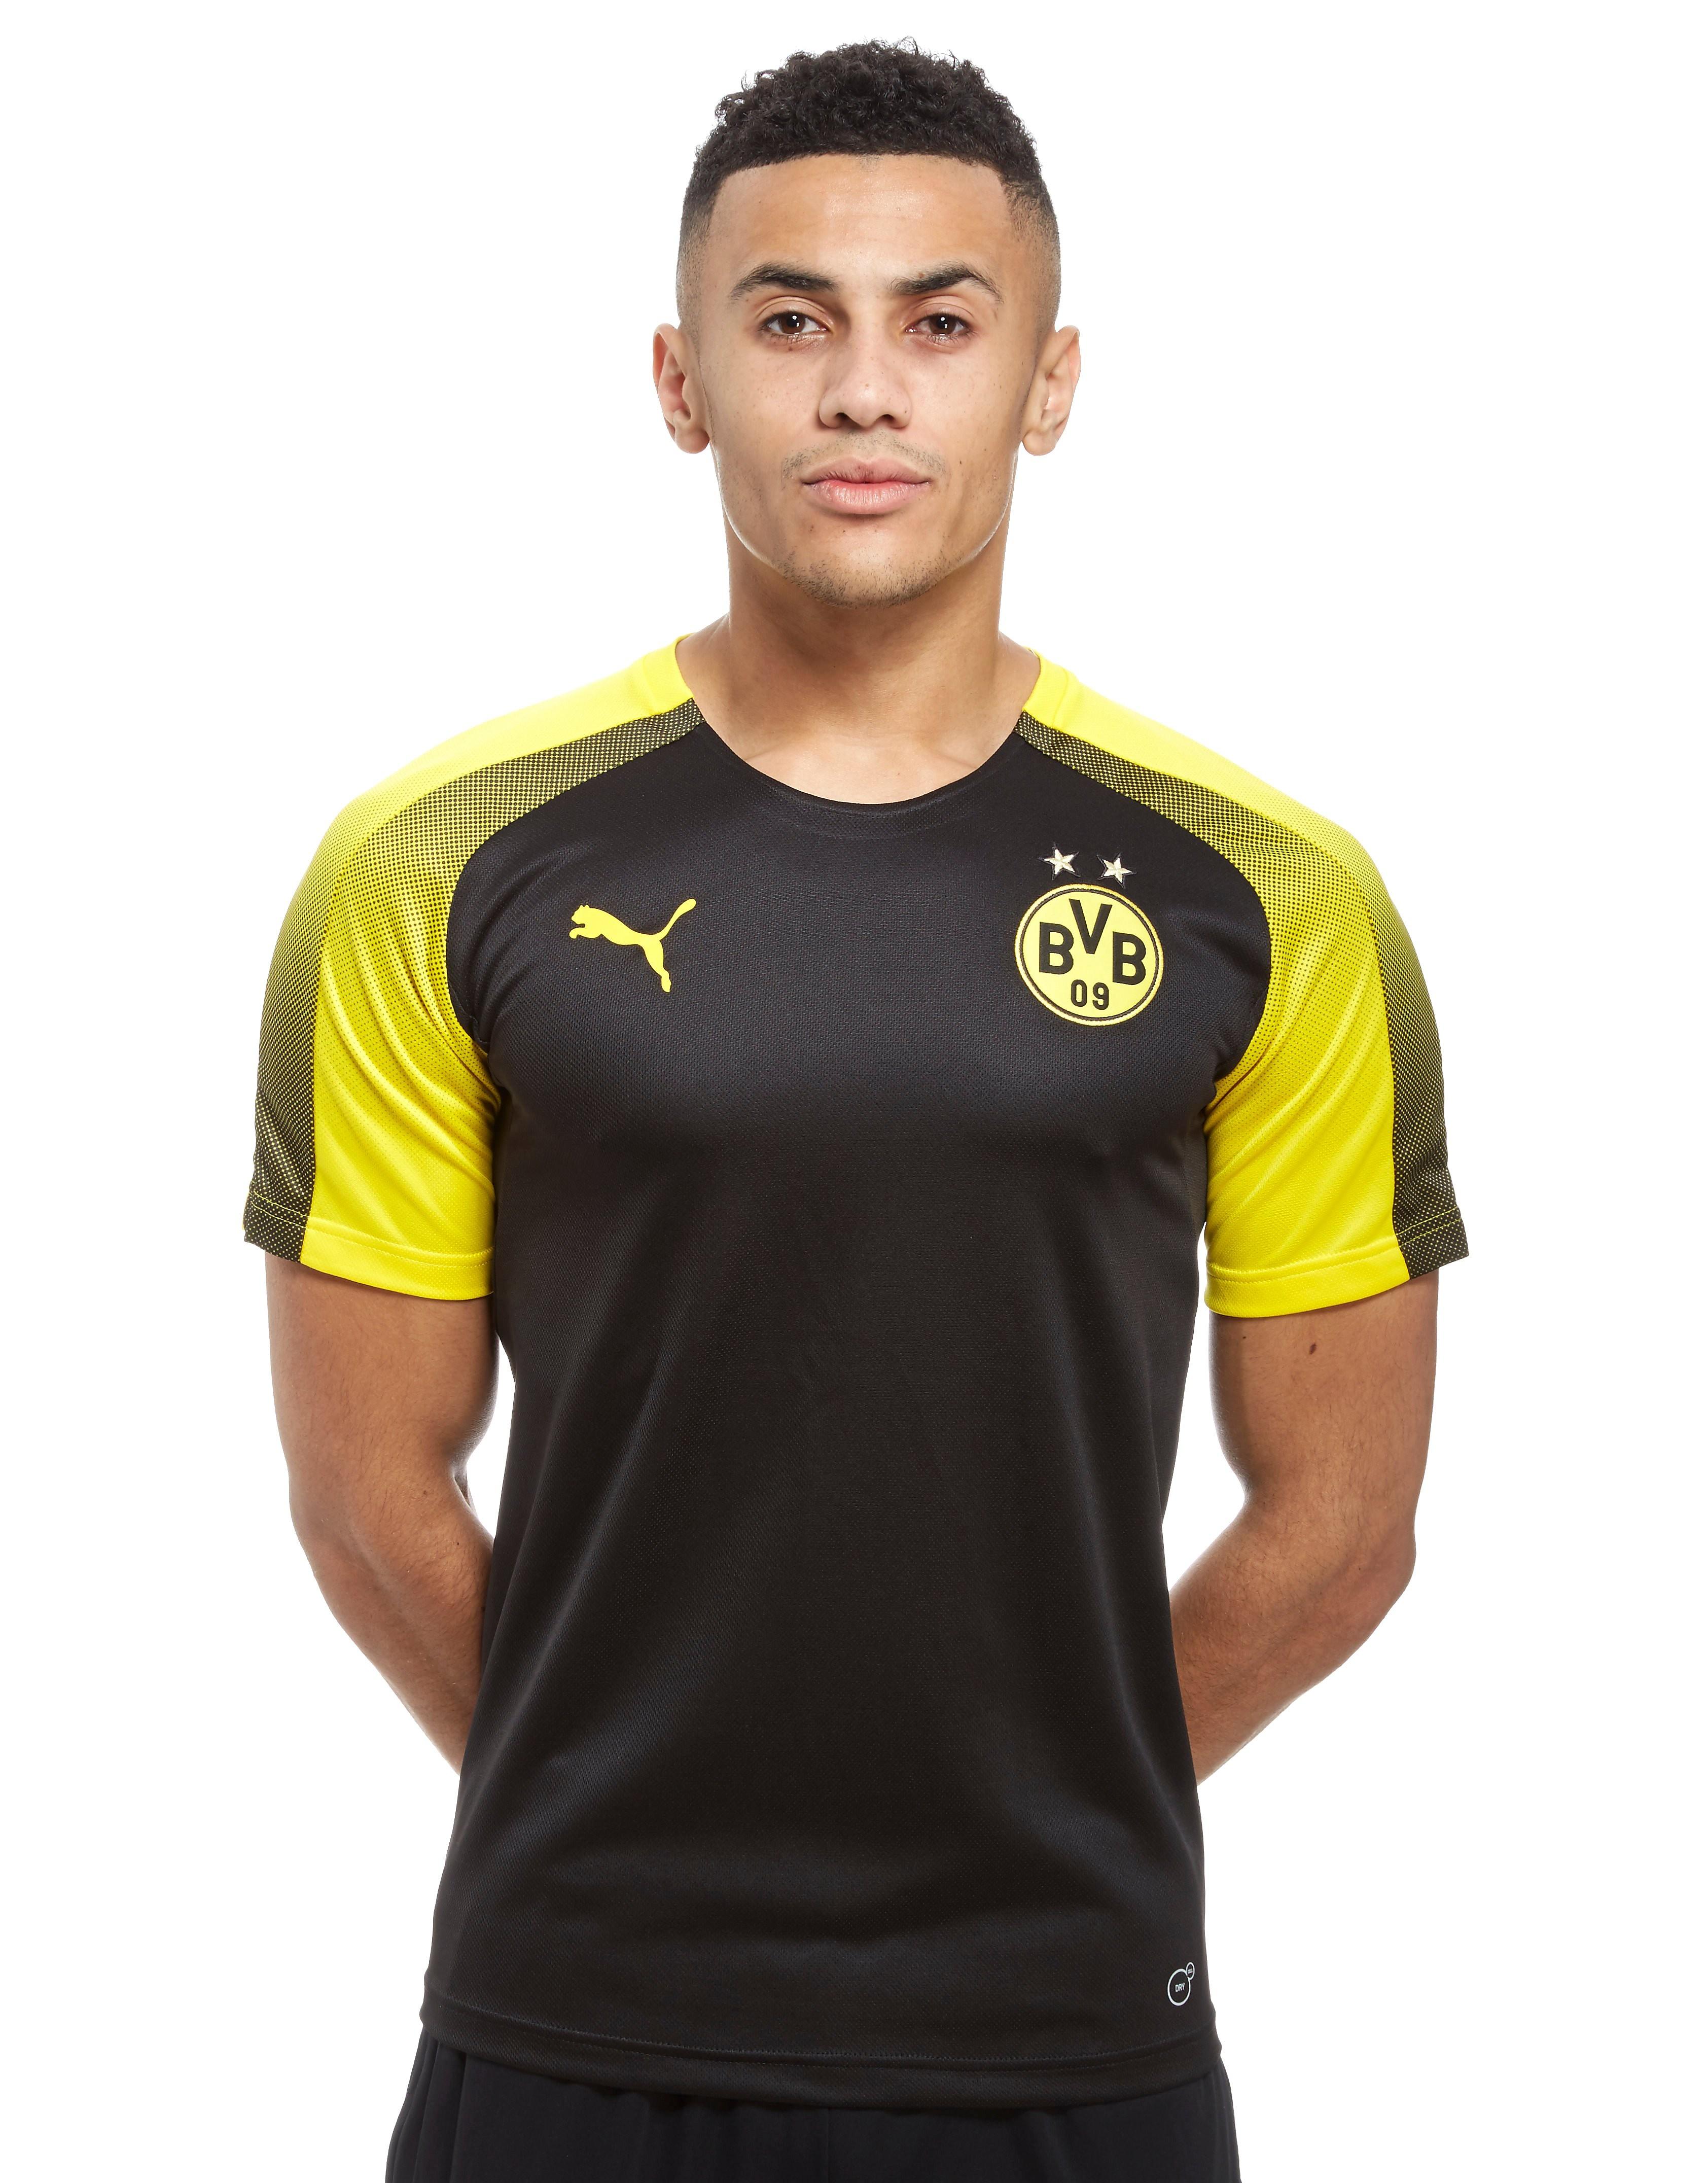 PUMA Borussia Dortmund 2017 Stadium Shirt PRE ORDER